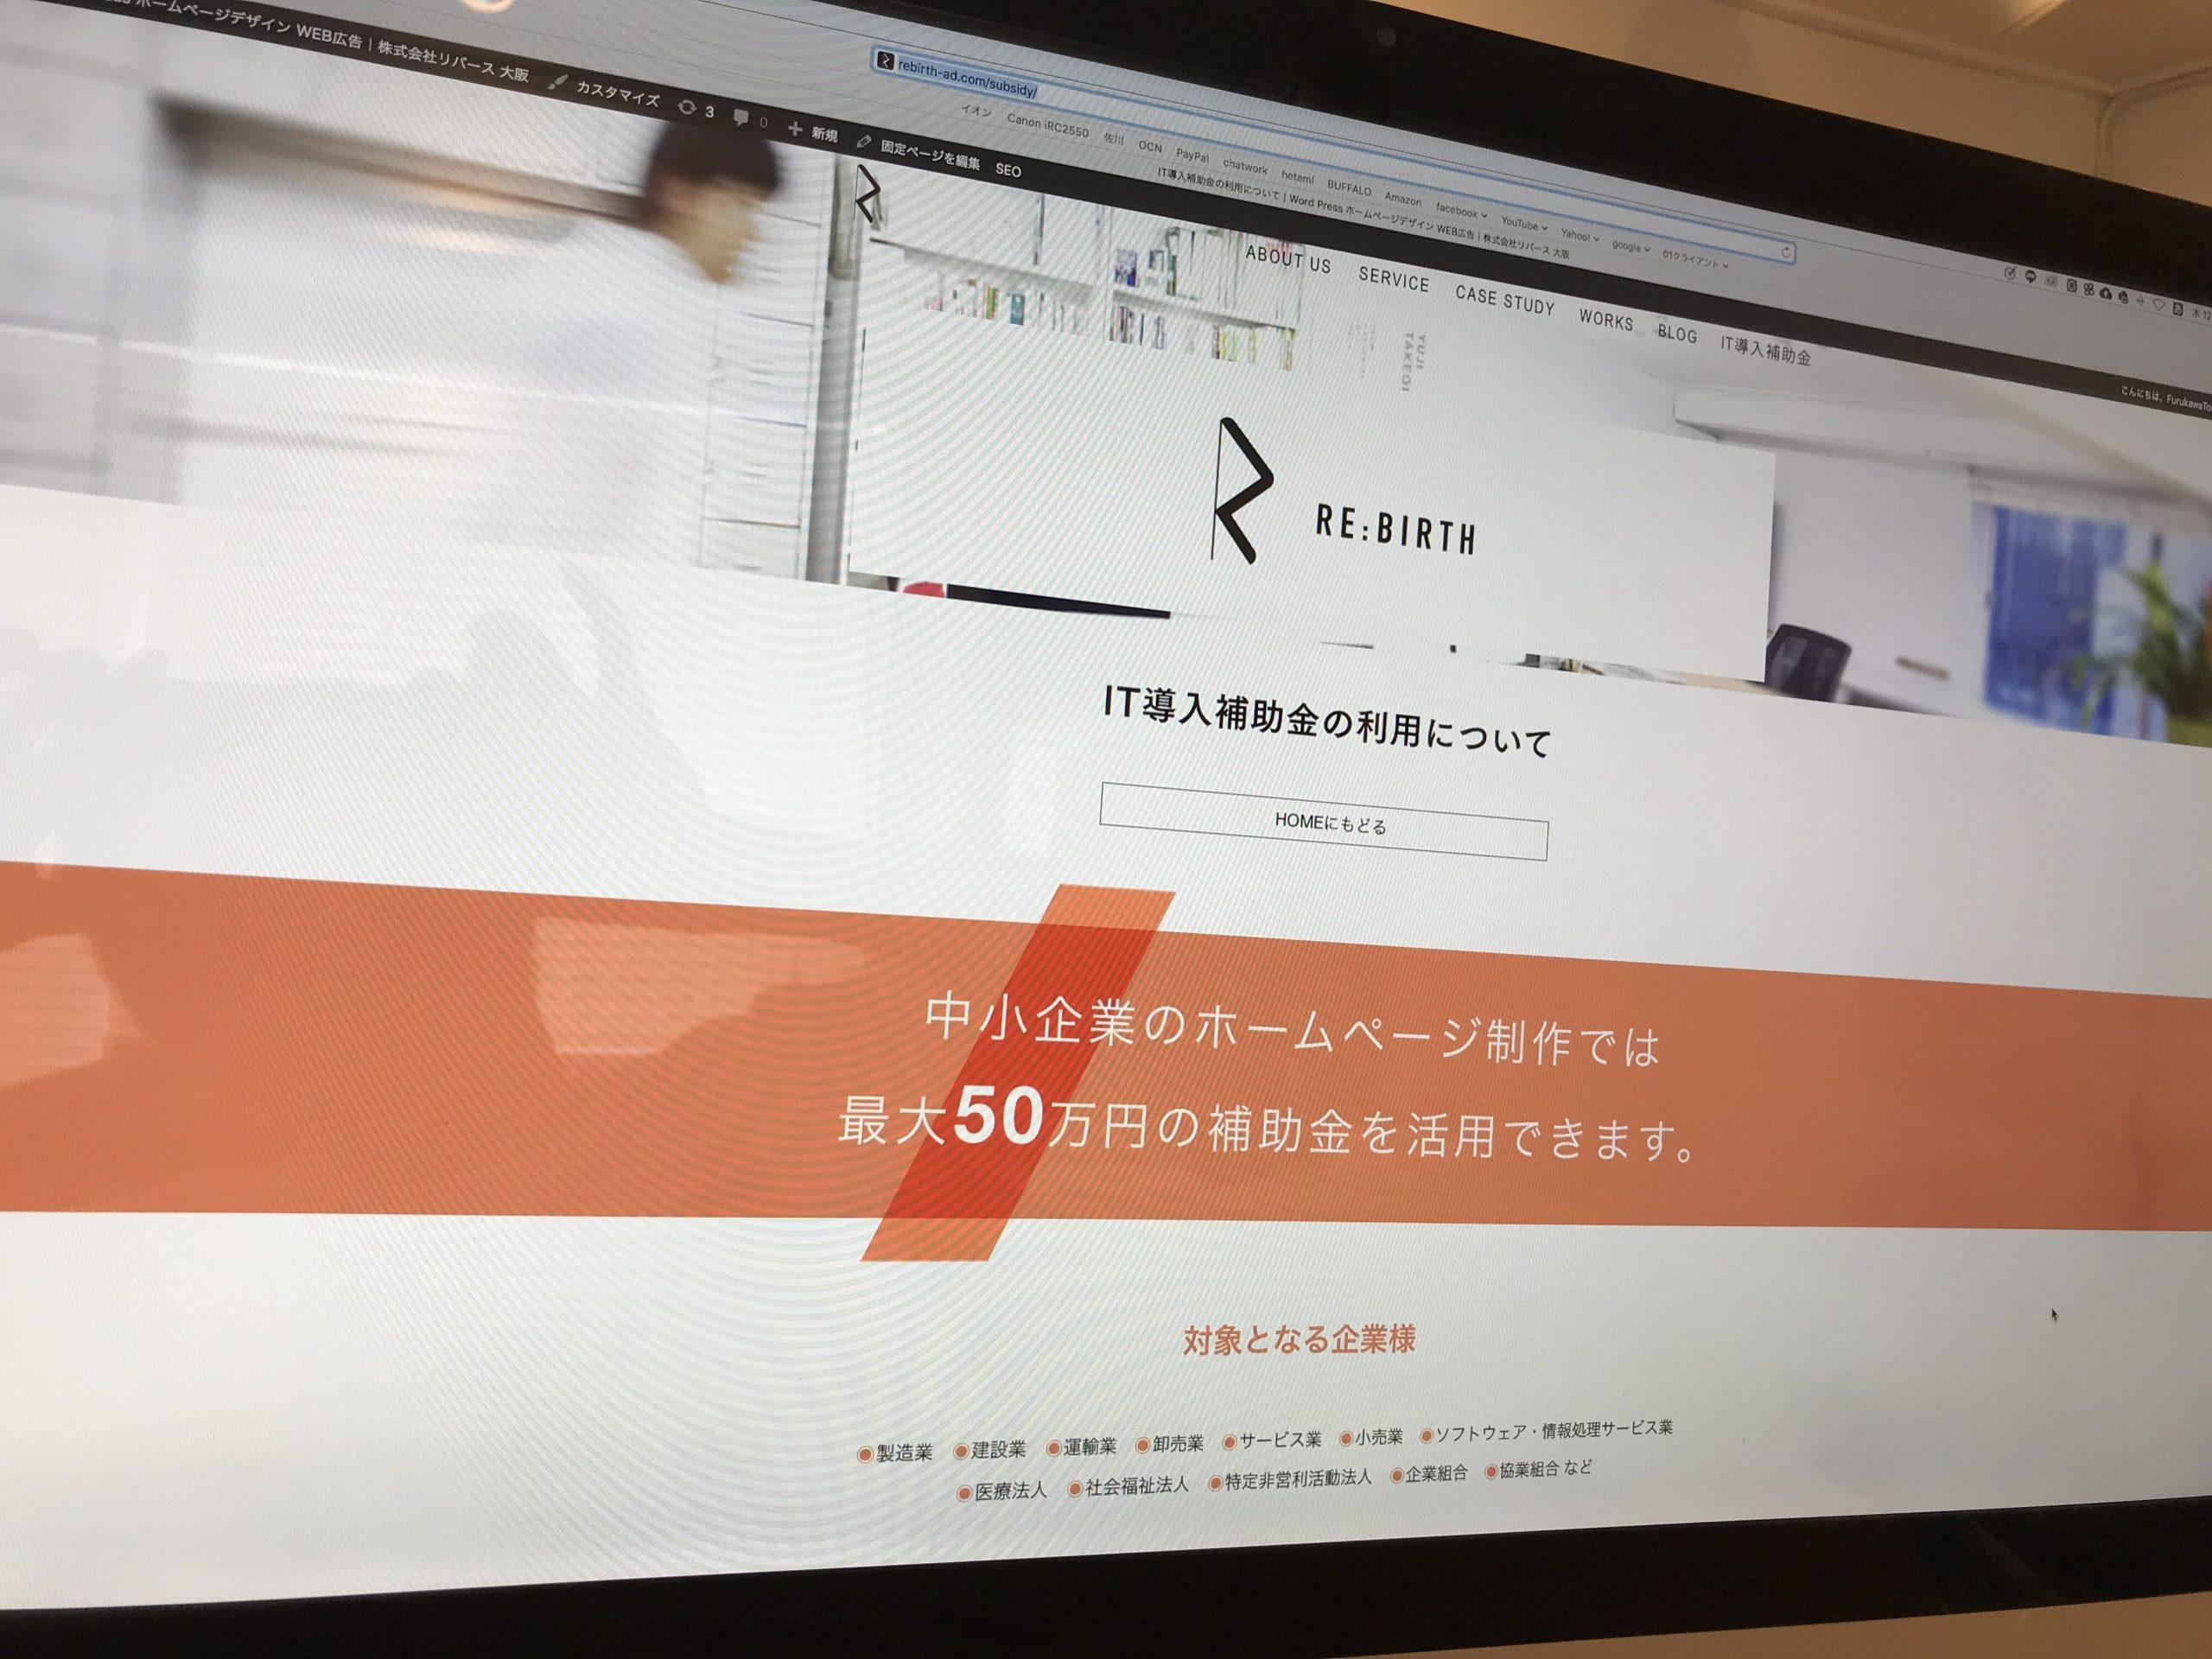 IT導入補助金 支援事業者 ITツールが採択されました。